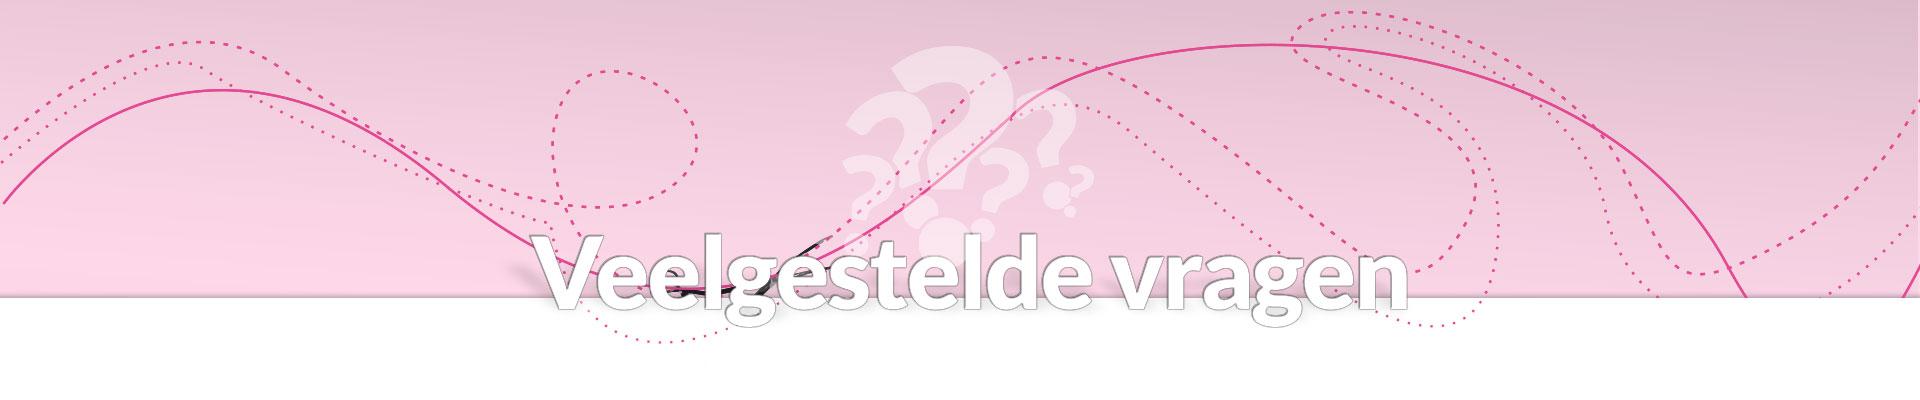 Veelgestelde vragen over esthetische chirurgie